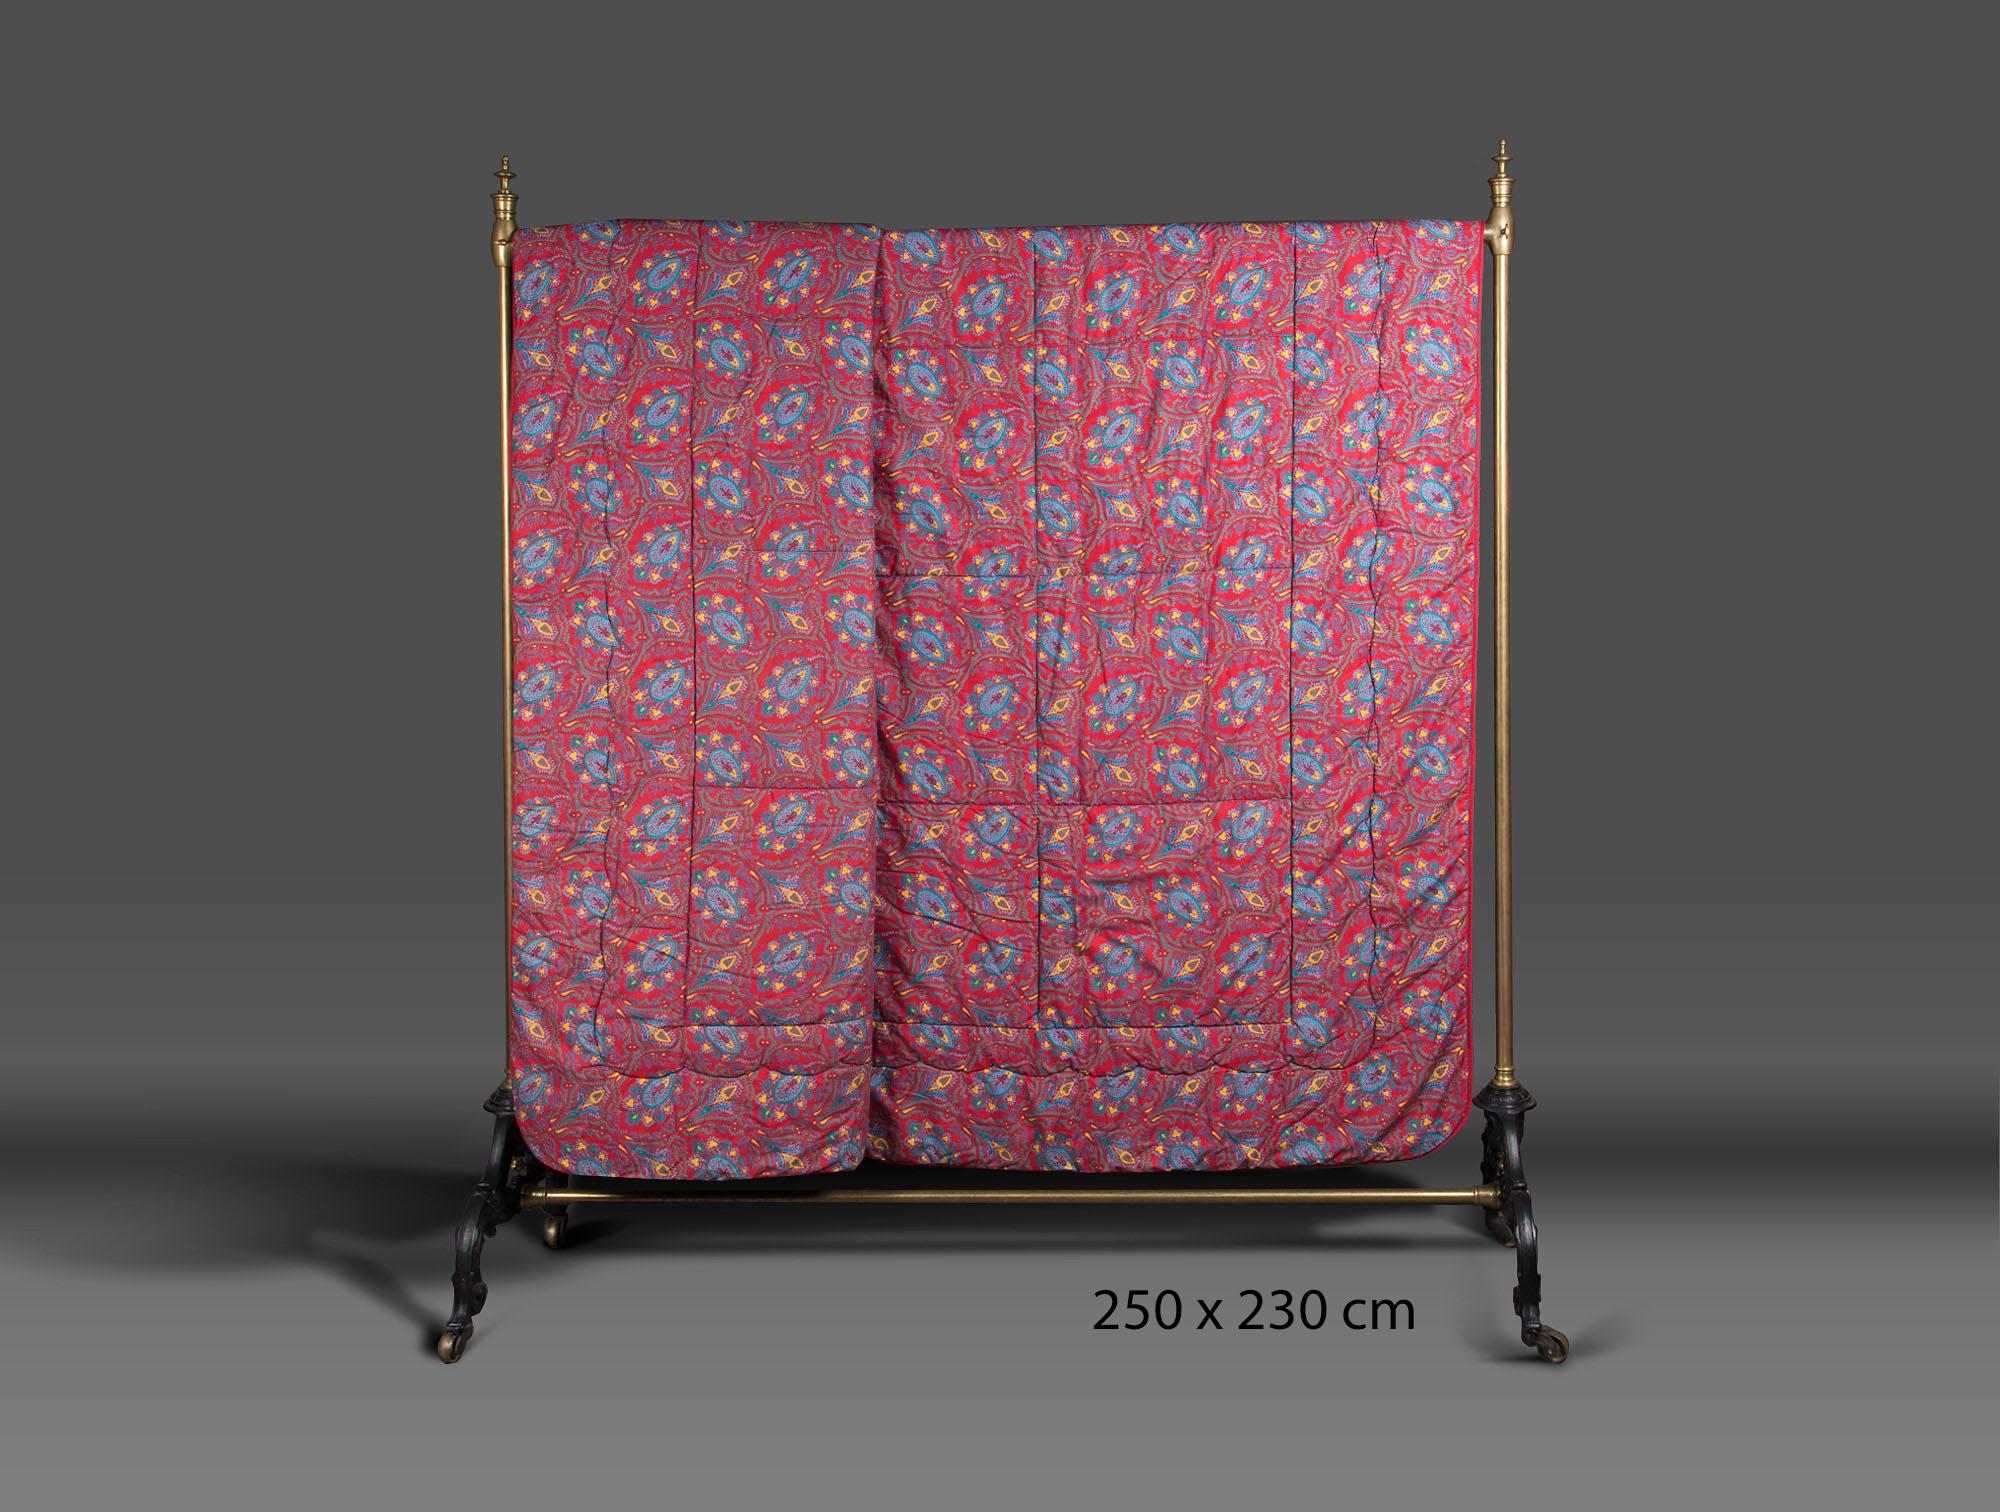 dessus de lit rouge soubrier louer tissus dessus de lit xxe. Black Bedroom Furniture Sets. Home Design Ideas